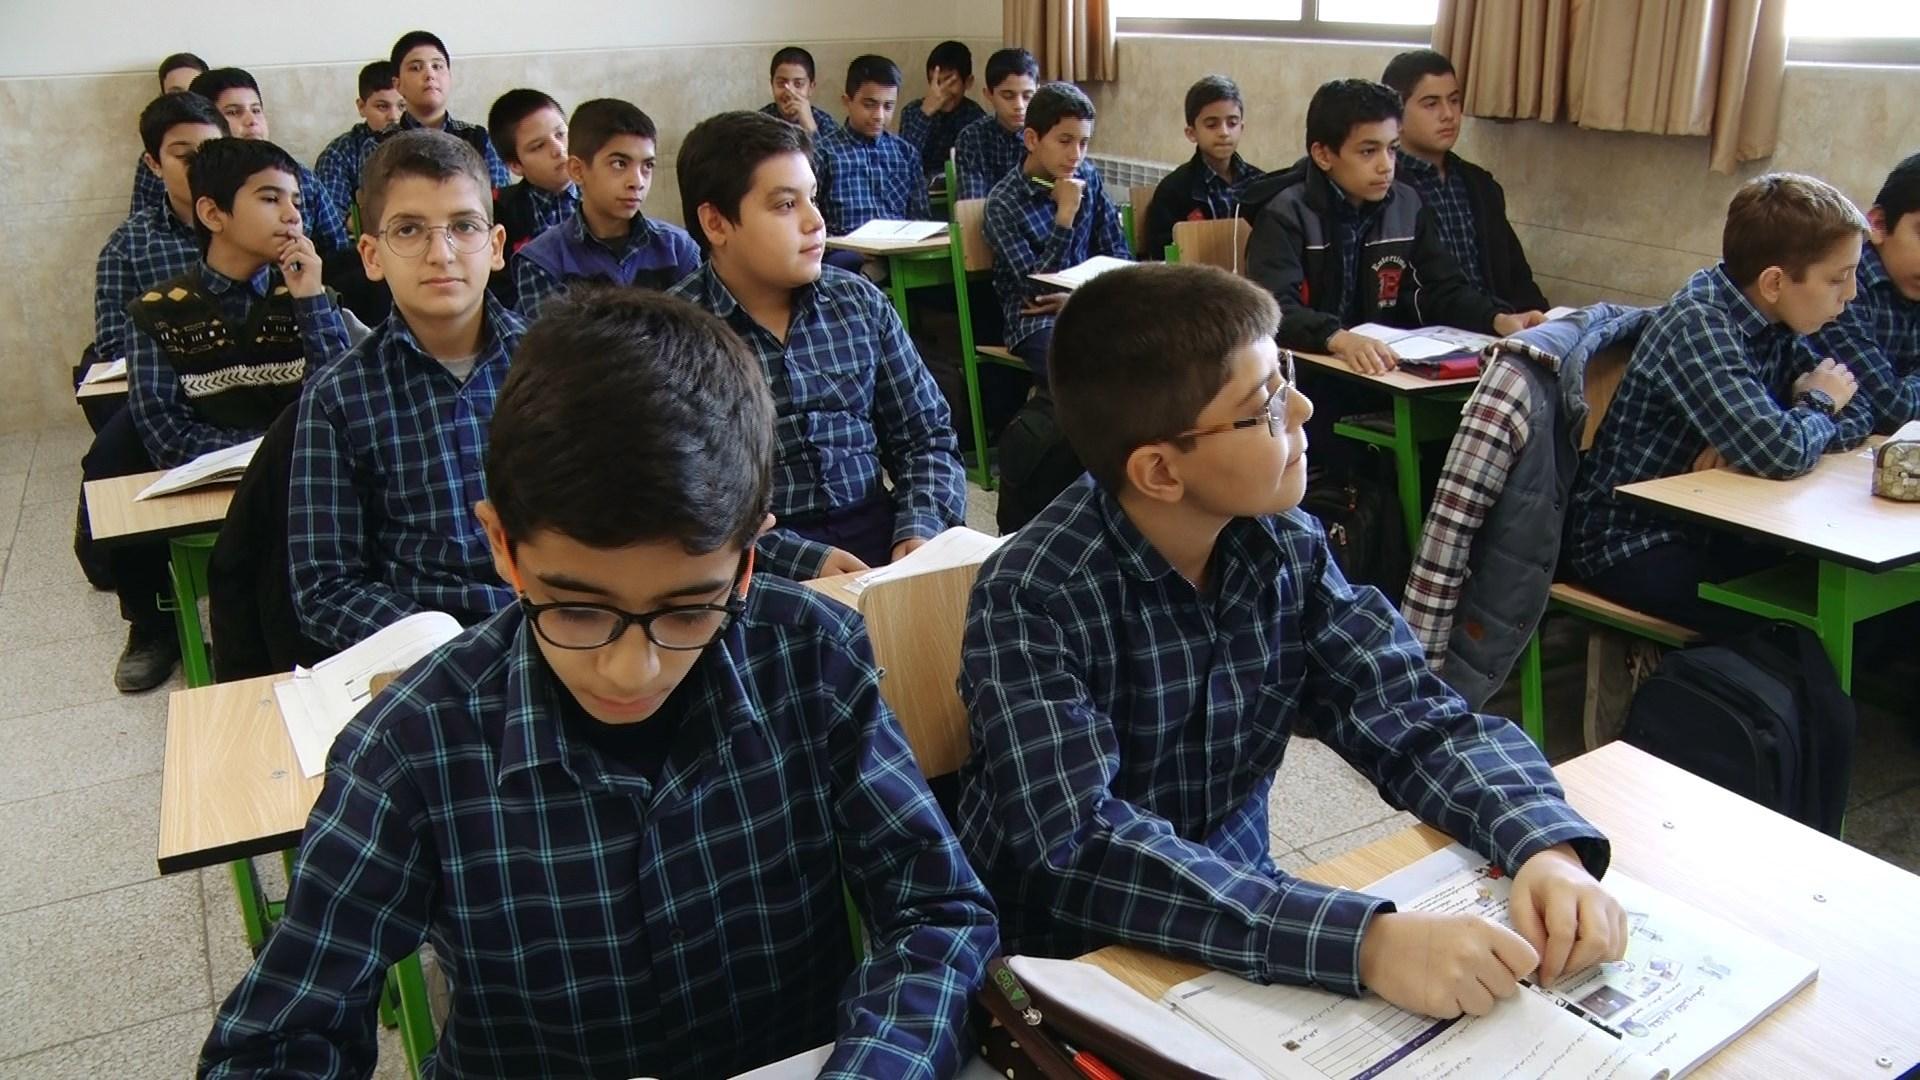 پیشرفت چشمگیر کیفیت آموزشی در مدارس عشایری موسیان